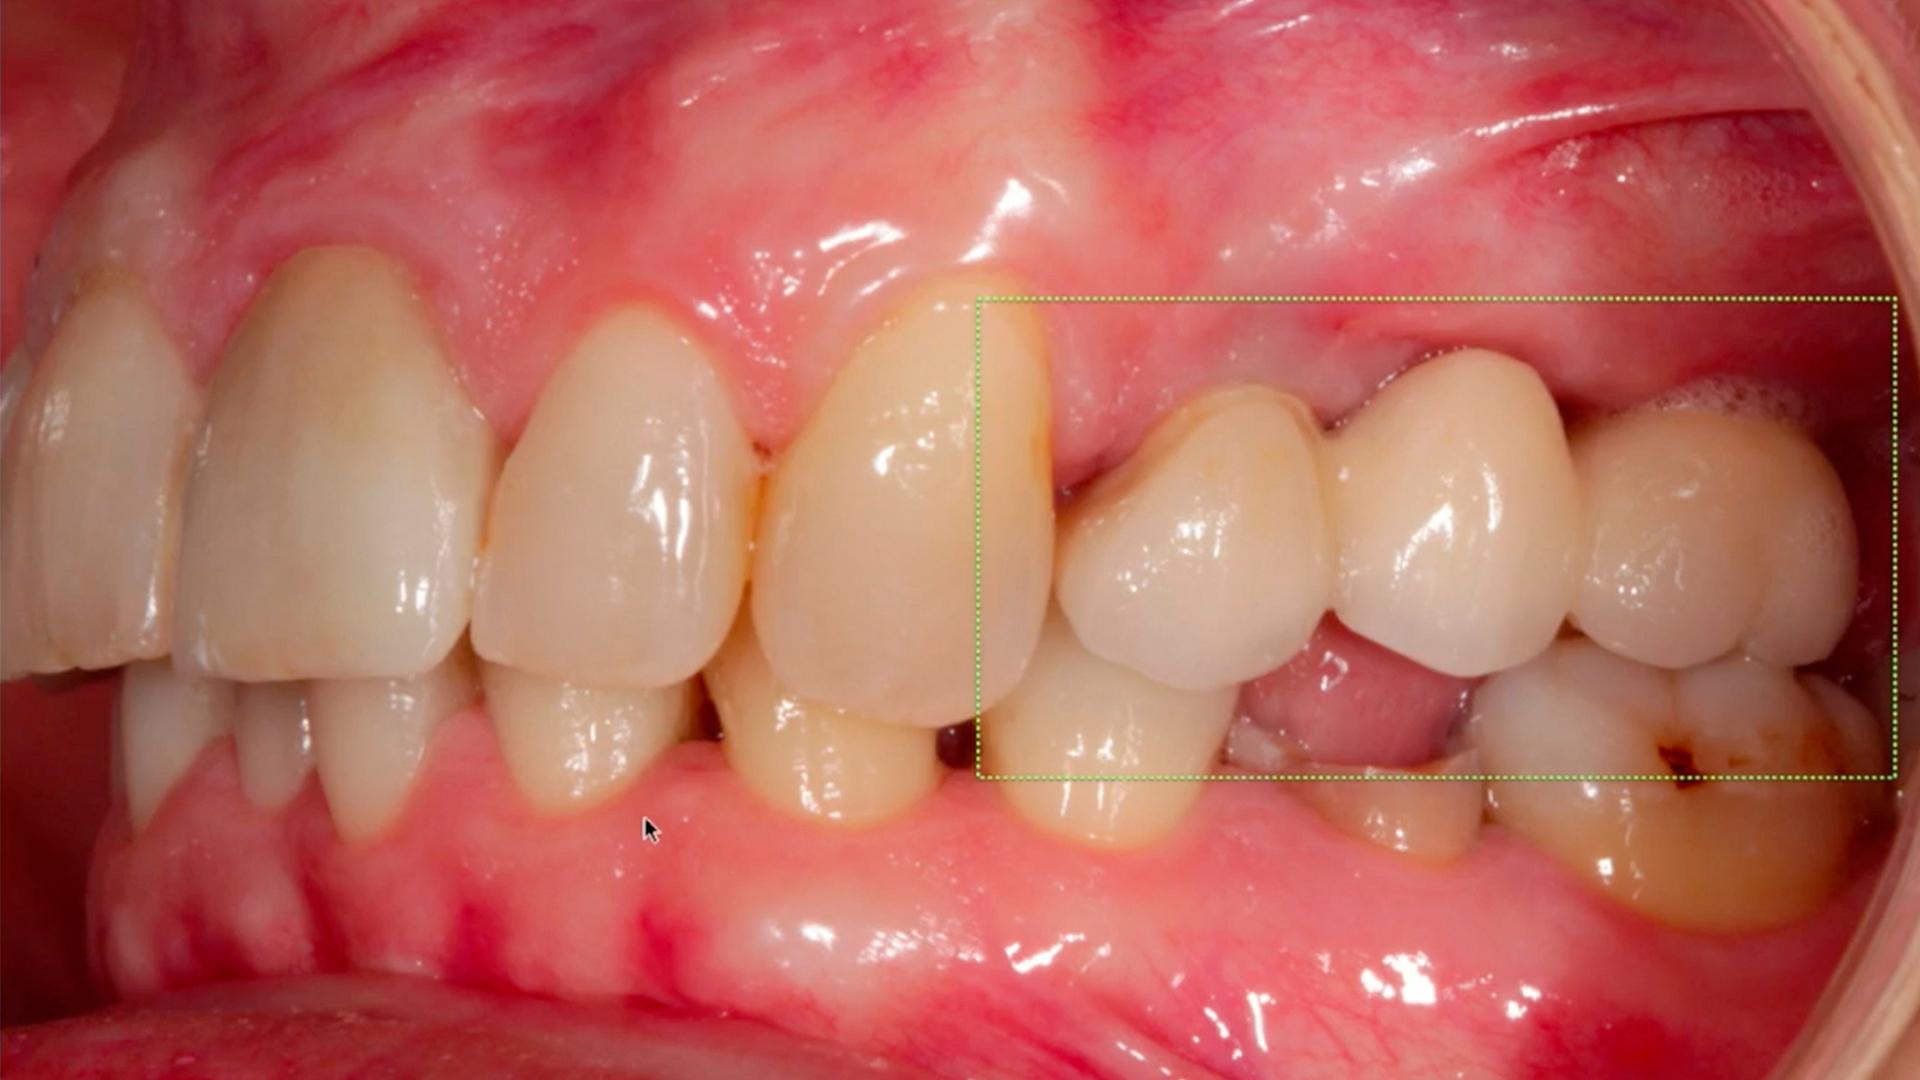 En esta Masterclass<b>Colocación de implantes con elevación de seno crestal (II)</b>,impartida por el doctor Óscar Alonso, veremos un caso de fracaso de puente dentosoportado en las piezas 24x27 y comprobaremos cómo puede solucionarse con la colocación de implantes y la <b>elevación de seno crestal</b>. <br /><br /> La <b>elevación del seno crestal</b> y la colocación de injertos óseos es un procedimiento que permite la colocación de implantes dentales en casos en los que la altura ósea del maxilar es insuficiente. Gracias a esta Masterclass <b>Colocación de implantes con elevación de seno crestal (II)</b> podrás aprender a realizar una correcta <b>elevación del seno crestal</b> y así poder colocar conveniente el implante según las características particulares de cada paciente que acude a la clínica dental. En definitiva, saber llevar a cabo cada paso a seguir en la <b>elevación del seno crestal</b> en tratamientos implantológicos te facilitará tu trabajo como odontólogo obteniendo mejores resultados en la colocación de implantes dentales. <br /><br /> Todas nuestras Masterclass están impartidas por los mayores expertos en odontología. Gracias a nuestra Masterclass<b>Colocación de implantes con elevación de seno crestal(II)</b>y otras como esta, que forman parte de la serie<b>Cirugía del seno maxilar y elevación de piso nasal</b> podrás desarrollar y actualizar tus conocimientos sobrelas técnicas quirúrgicas de <b>elevación sinusal</b>,alcanzando una formación avanzada y permitiéndote profundizar enlos aspectos a tener en cuenta en la <b>cirugía del seno maxilar</b> con criterios científicos y de excelencia, abordando las últimas tendencias y técnicas más actuales en el sector odontológico. <br /><br /> Desde Knotgroup Dental Institute te invitamos a que explores a través de nuestra web y encuentres otras masterclass como <b>Colocación de implantes con elevación de seno crestal (II)</b> para actualizar tus conocimientos y aplicarlos a tu clínica dental, así como la 